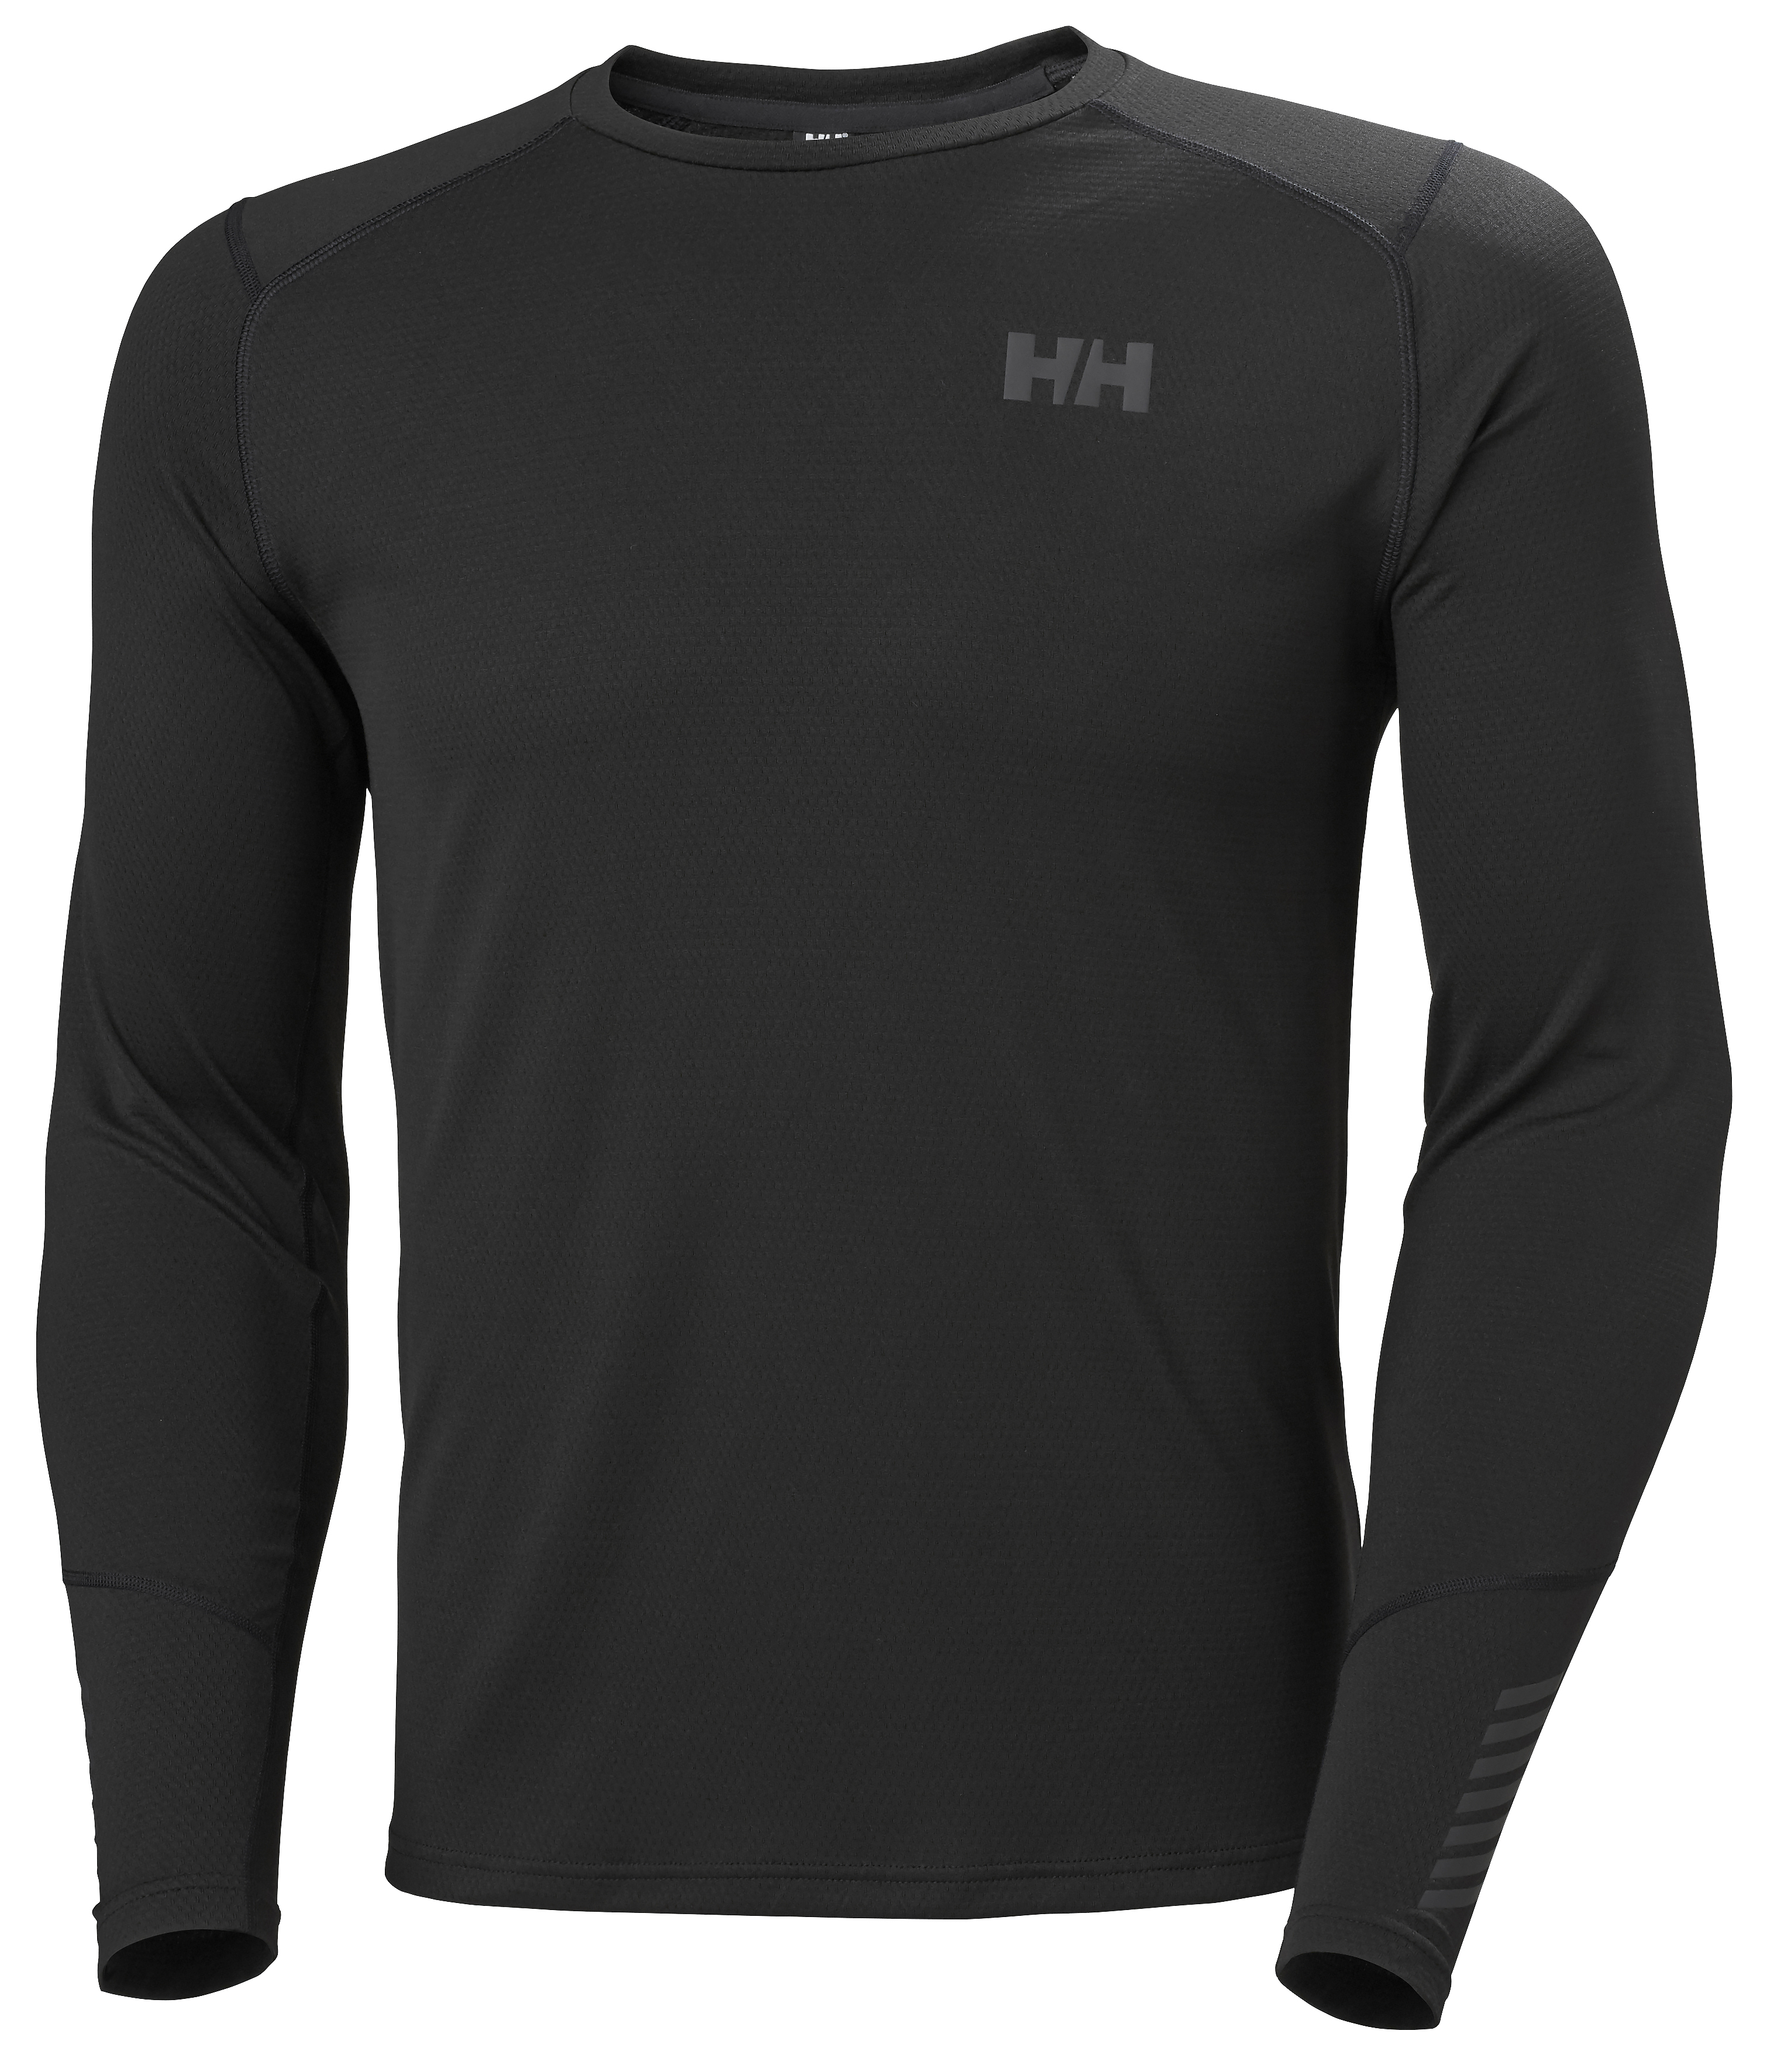 Comprar Helly Hansen Lifa Active Crew T-shirt preta /LIFA®/